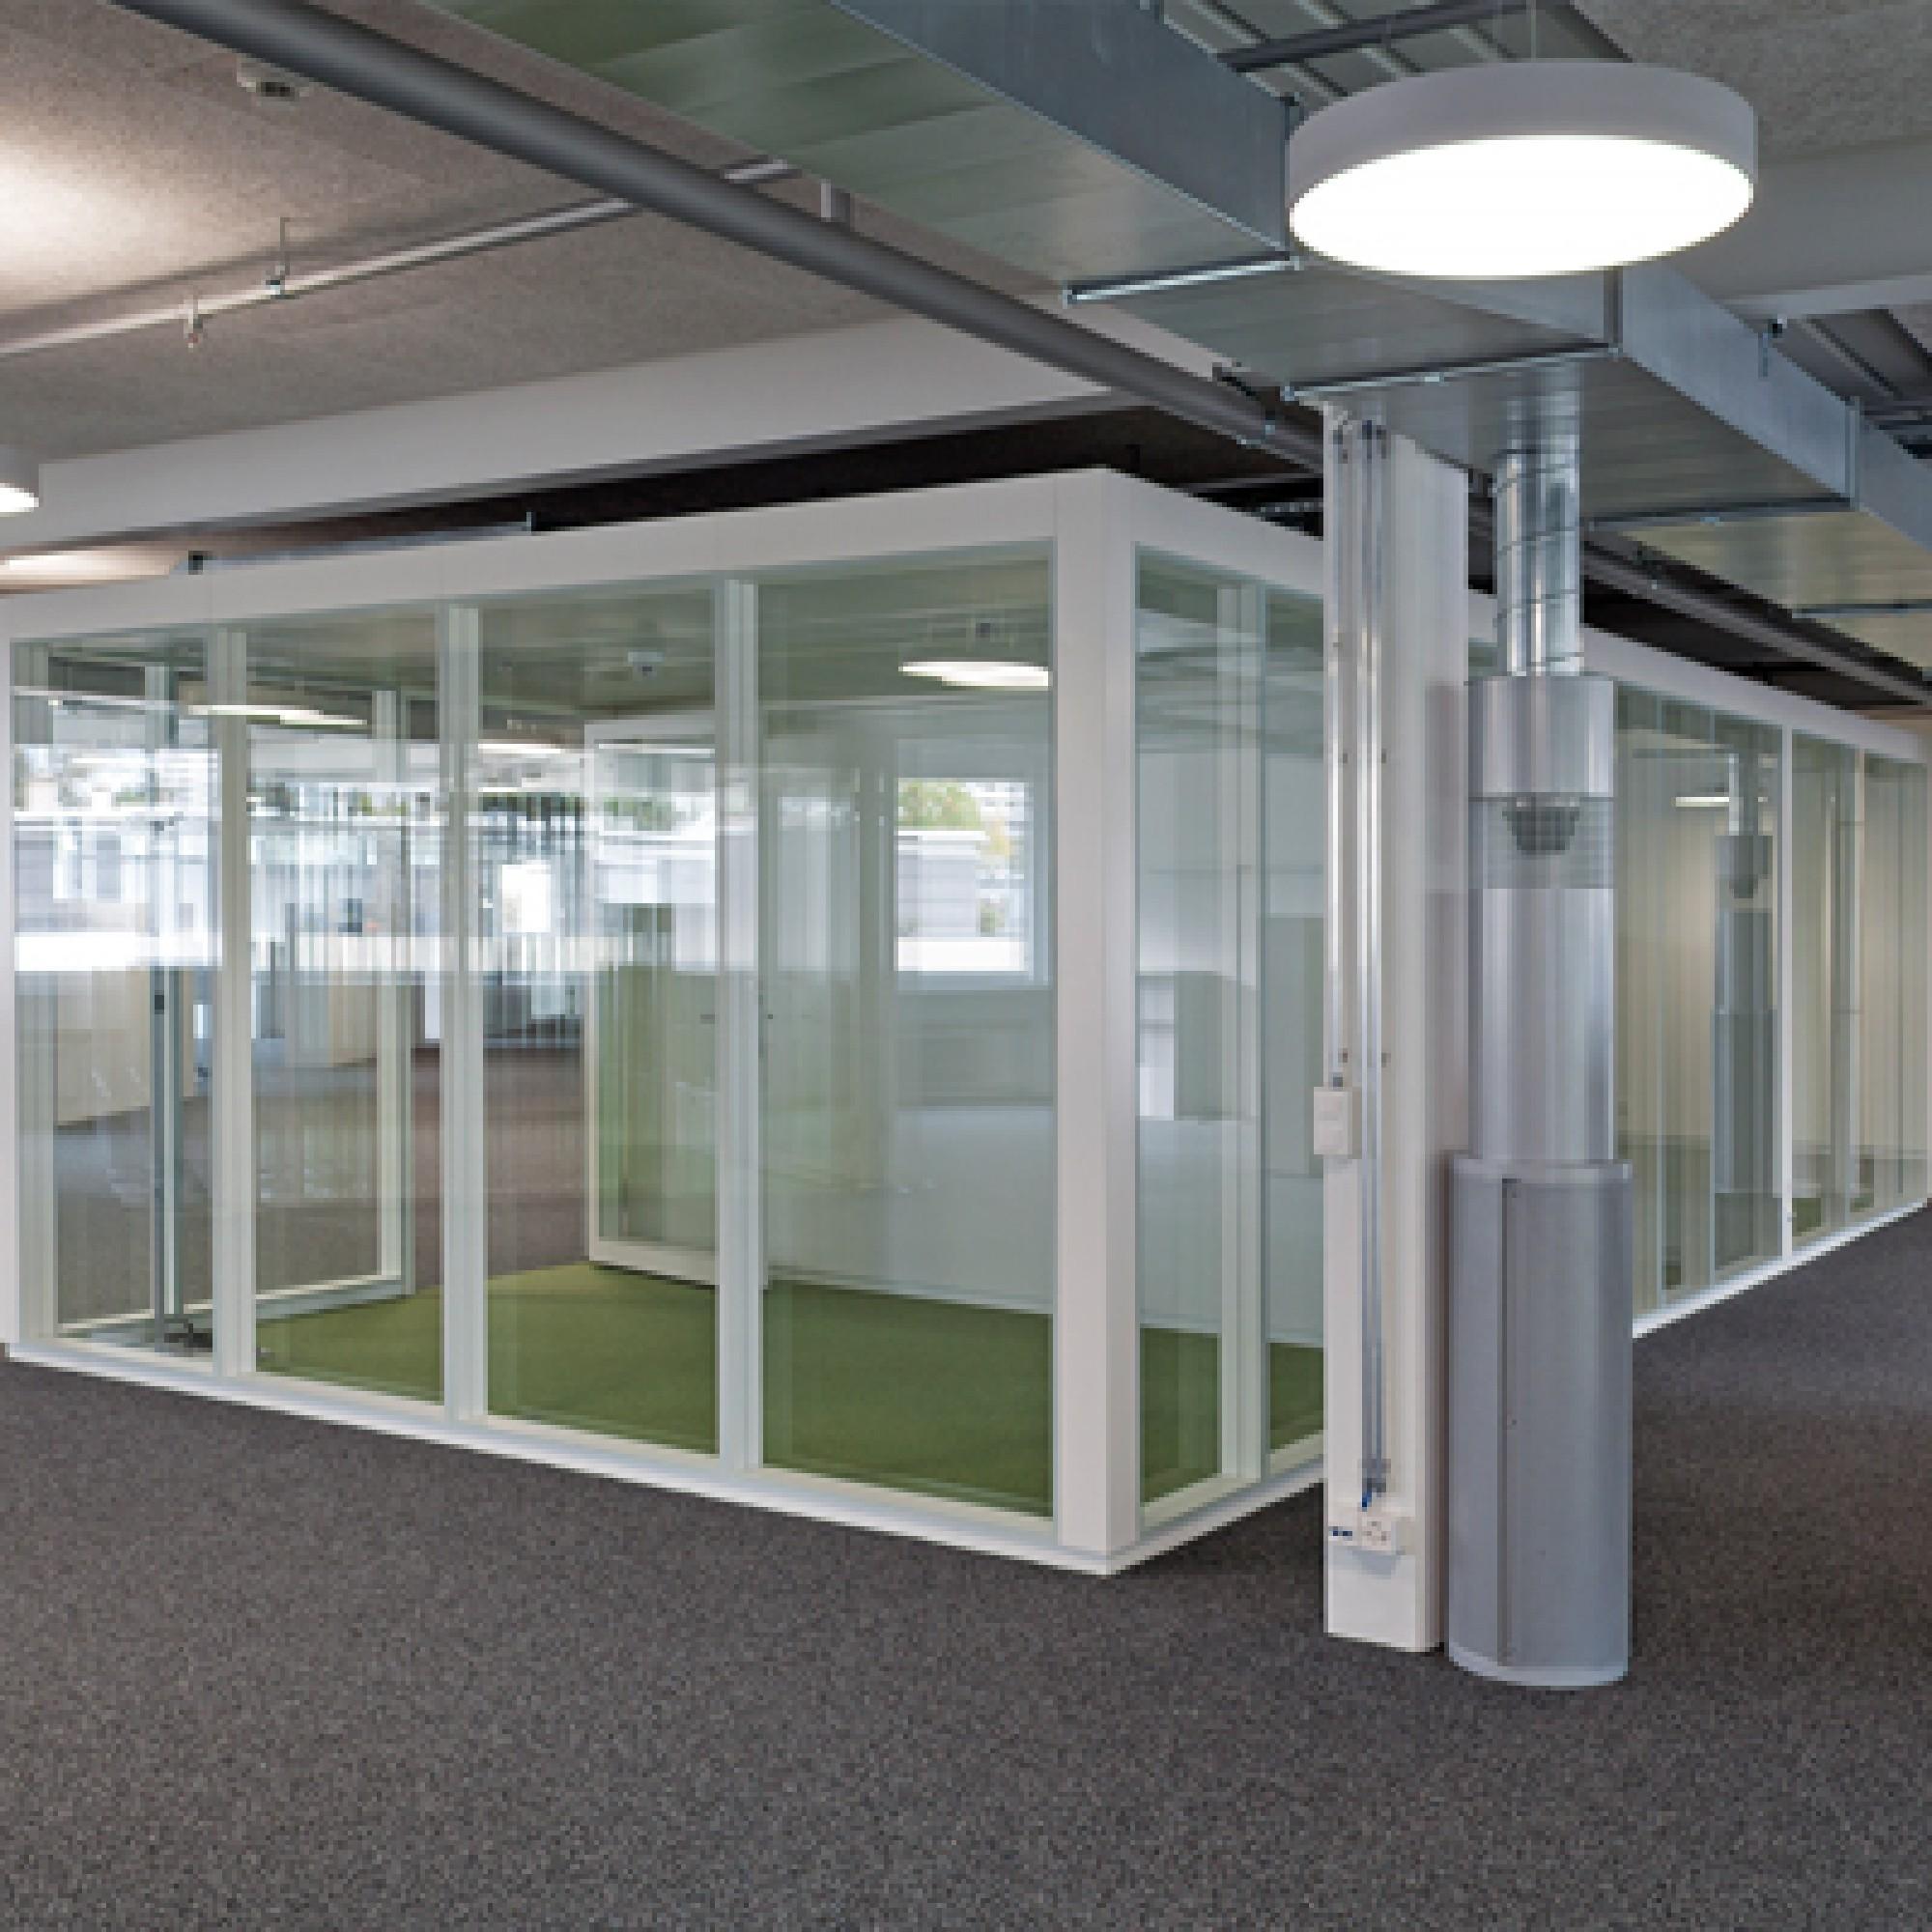 Die flexibel nutzbaren Grossflächenbüros wurden durch verglaste Büroboxen ergänzt. (Bild: zvg)